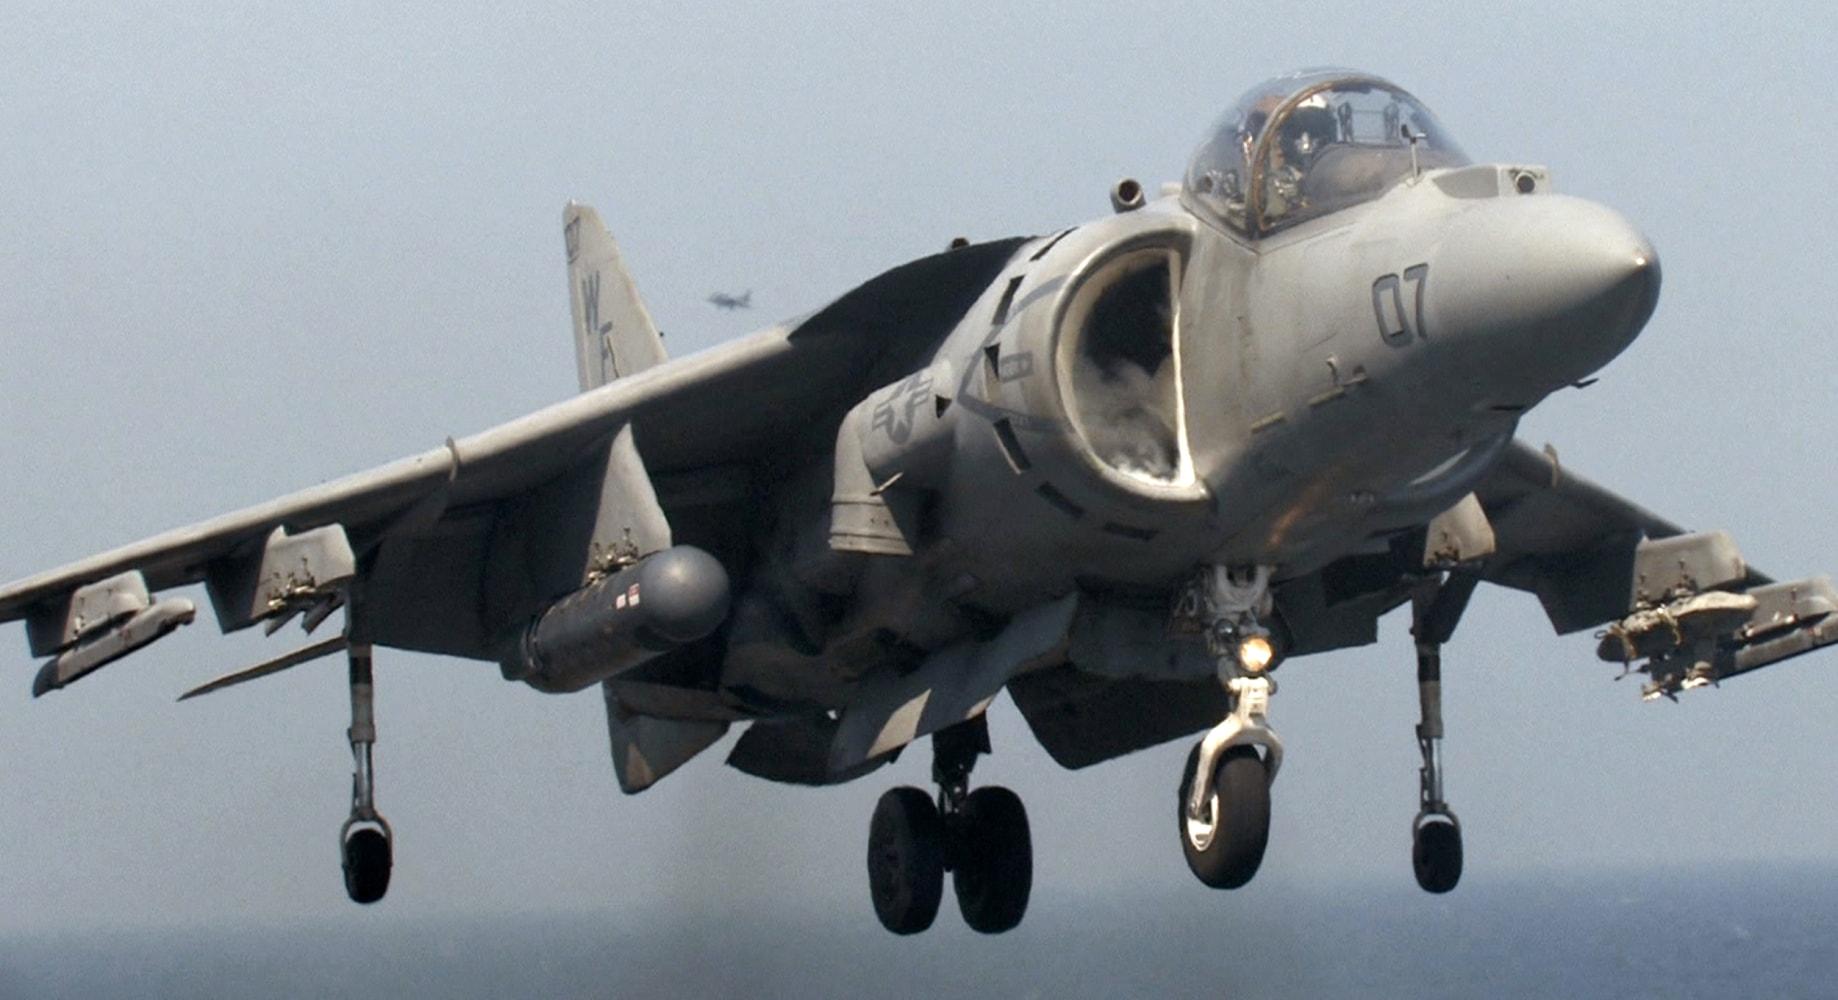 K Marine Viii U.S. Marine Corps AV-8...